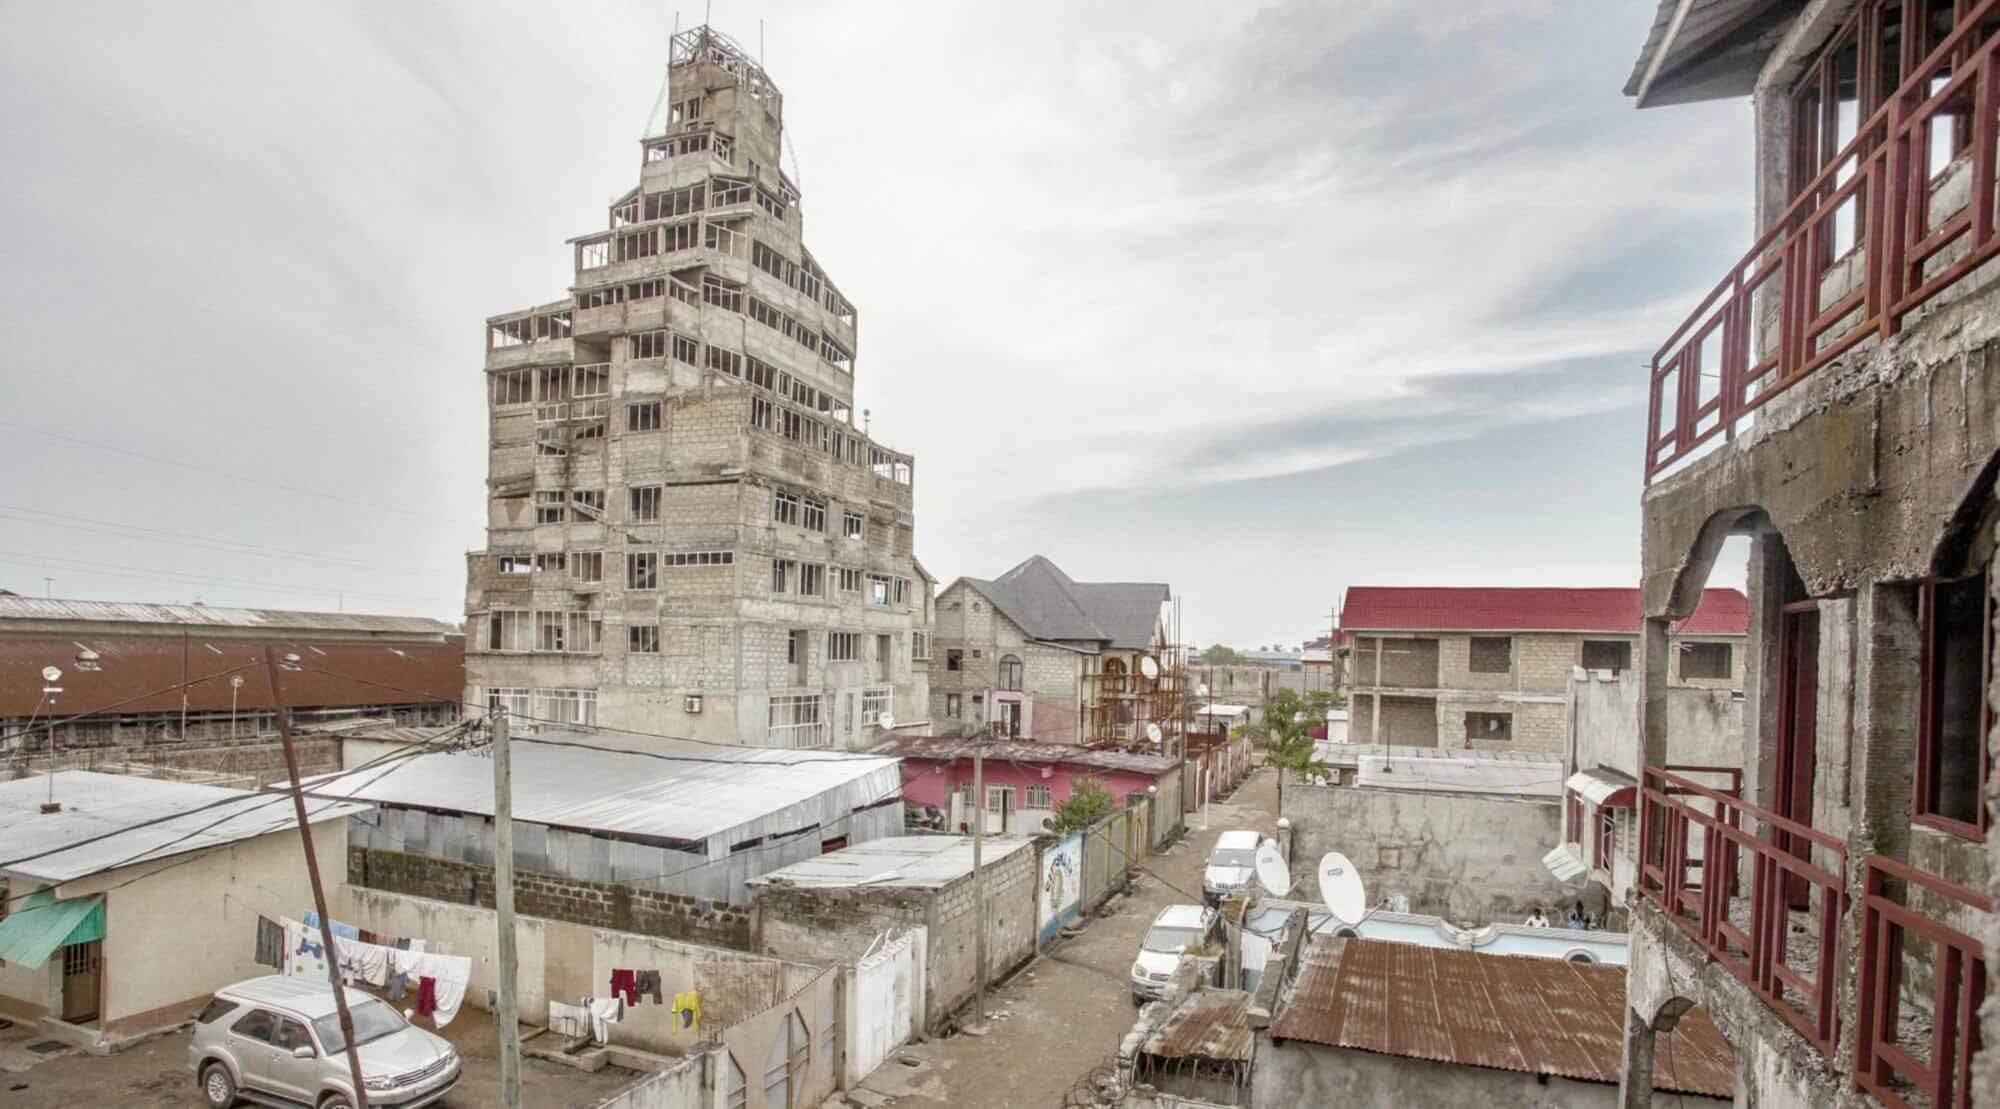 Путеводитель по архитектуре Африки к югу от Сахары: изучение архитектуры Банги и Киншасы